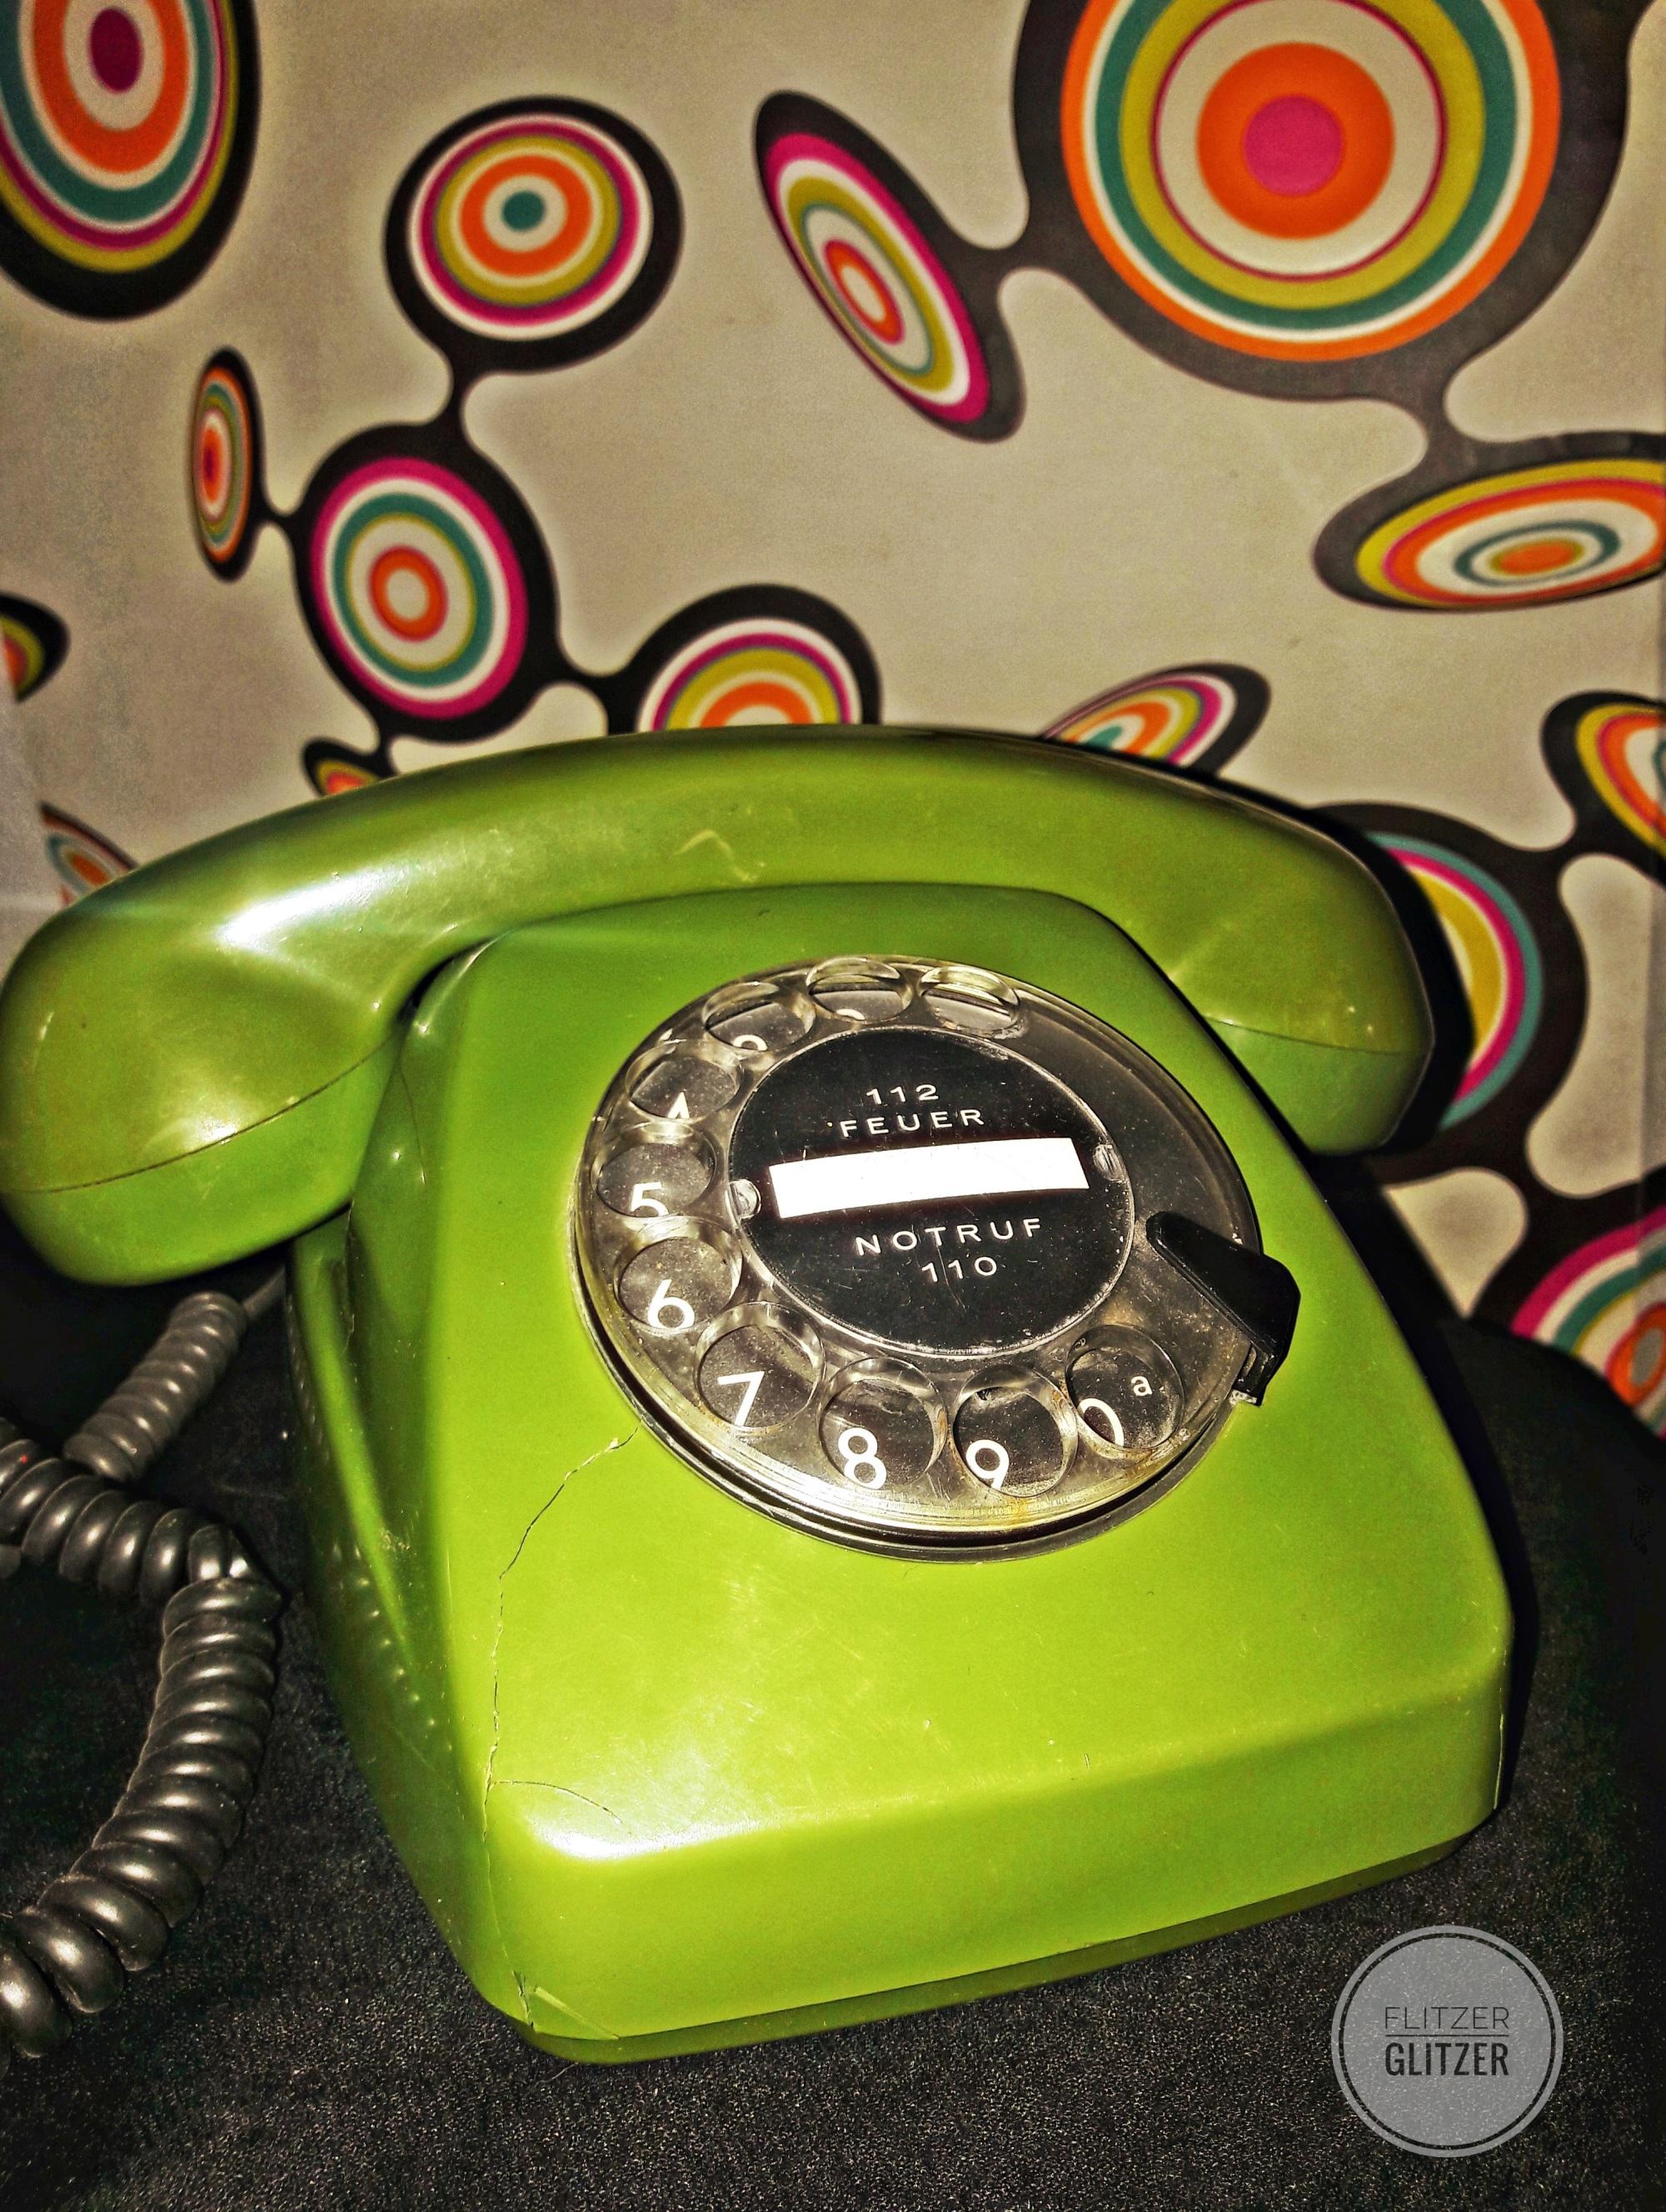 Ein grünes Wählscheibentelefon, vor dem Hintergrund einer farbenfrohen Retrotapete.